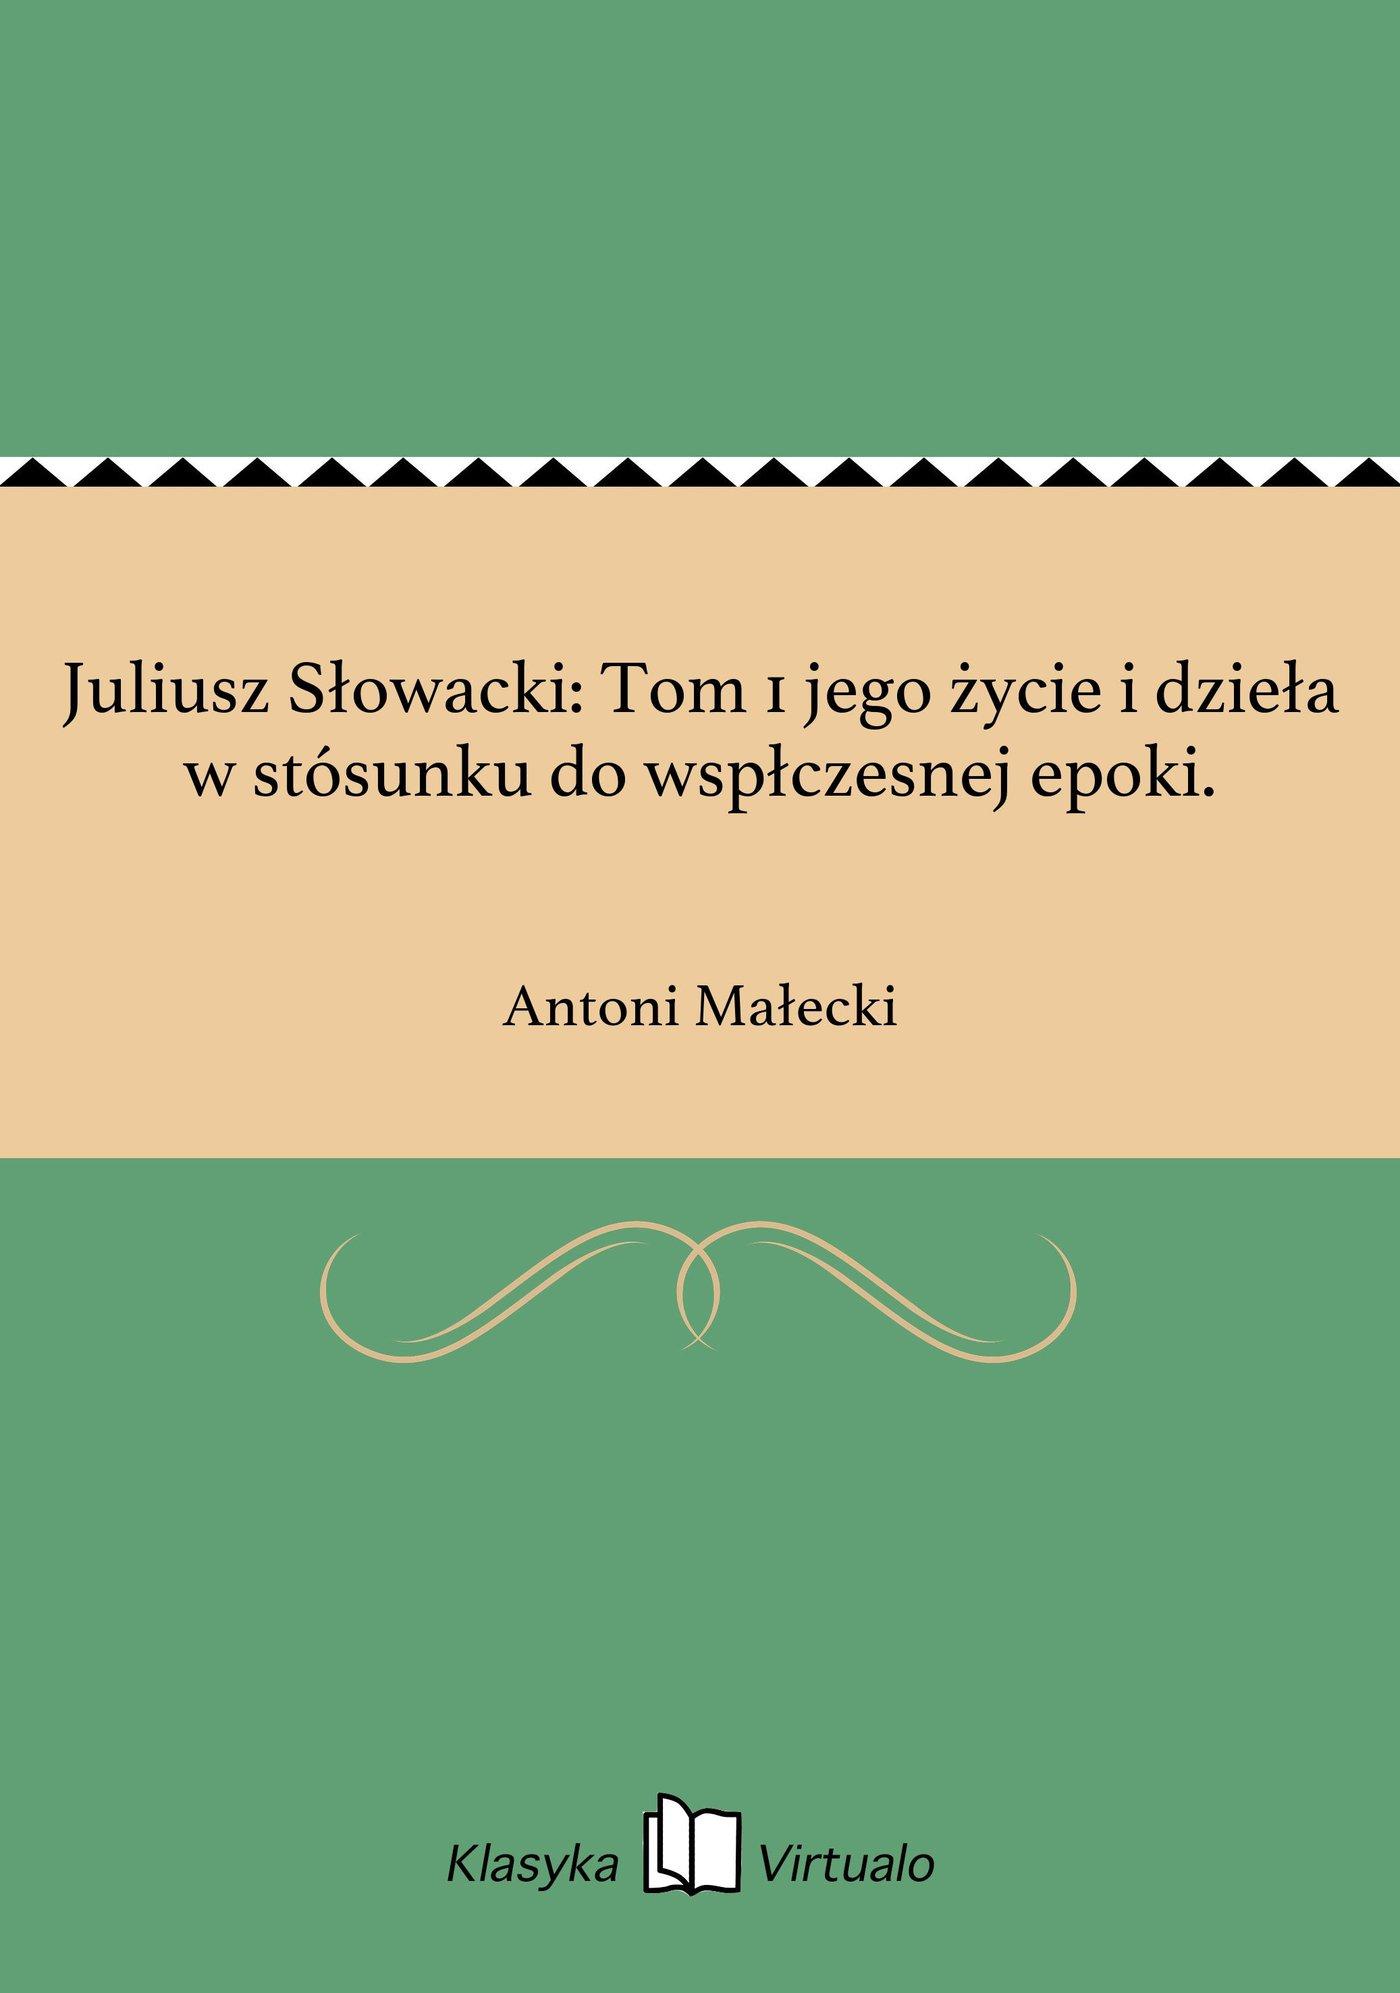 Juliusz Słowacki: Tom 1 jego życie i dzieła w stósunku do wspłczesnej epoki. - Ebook (Książka EPUB) do pobrania w formacie EPUB